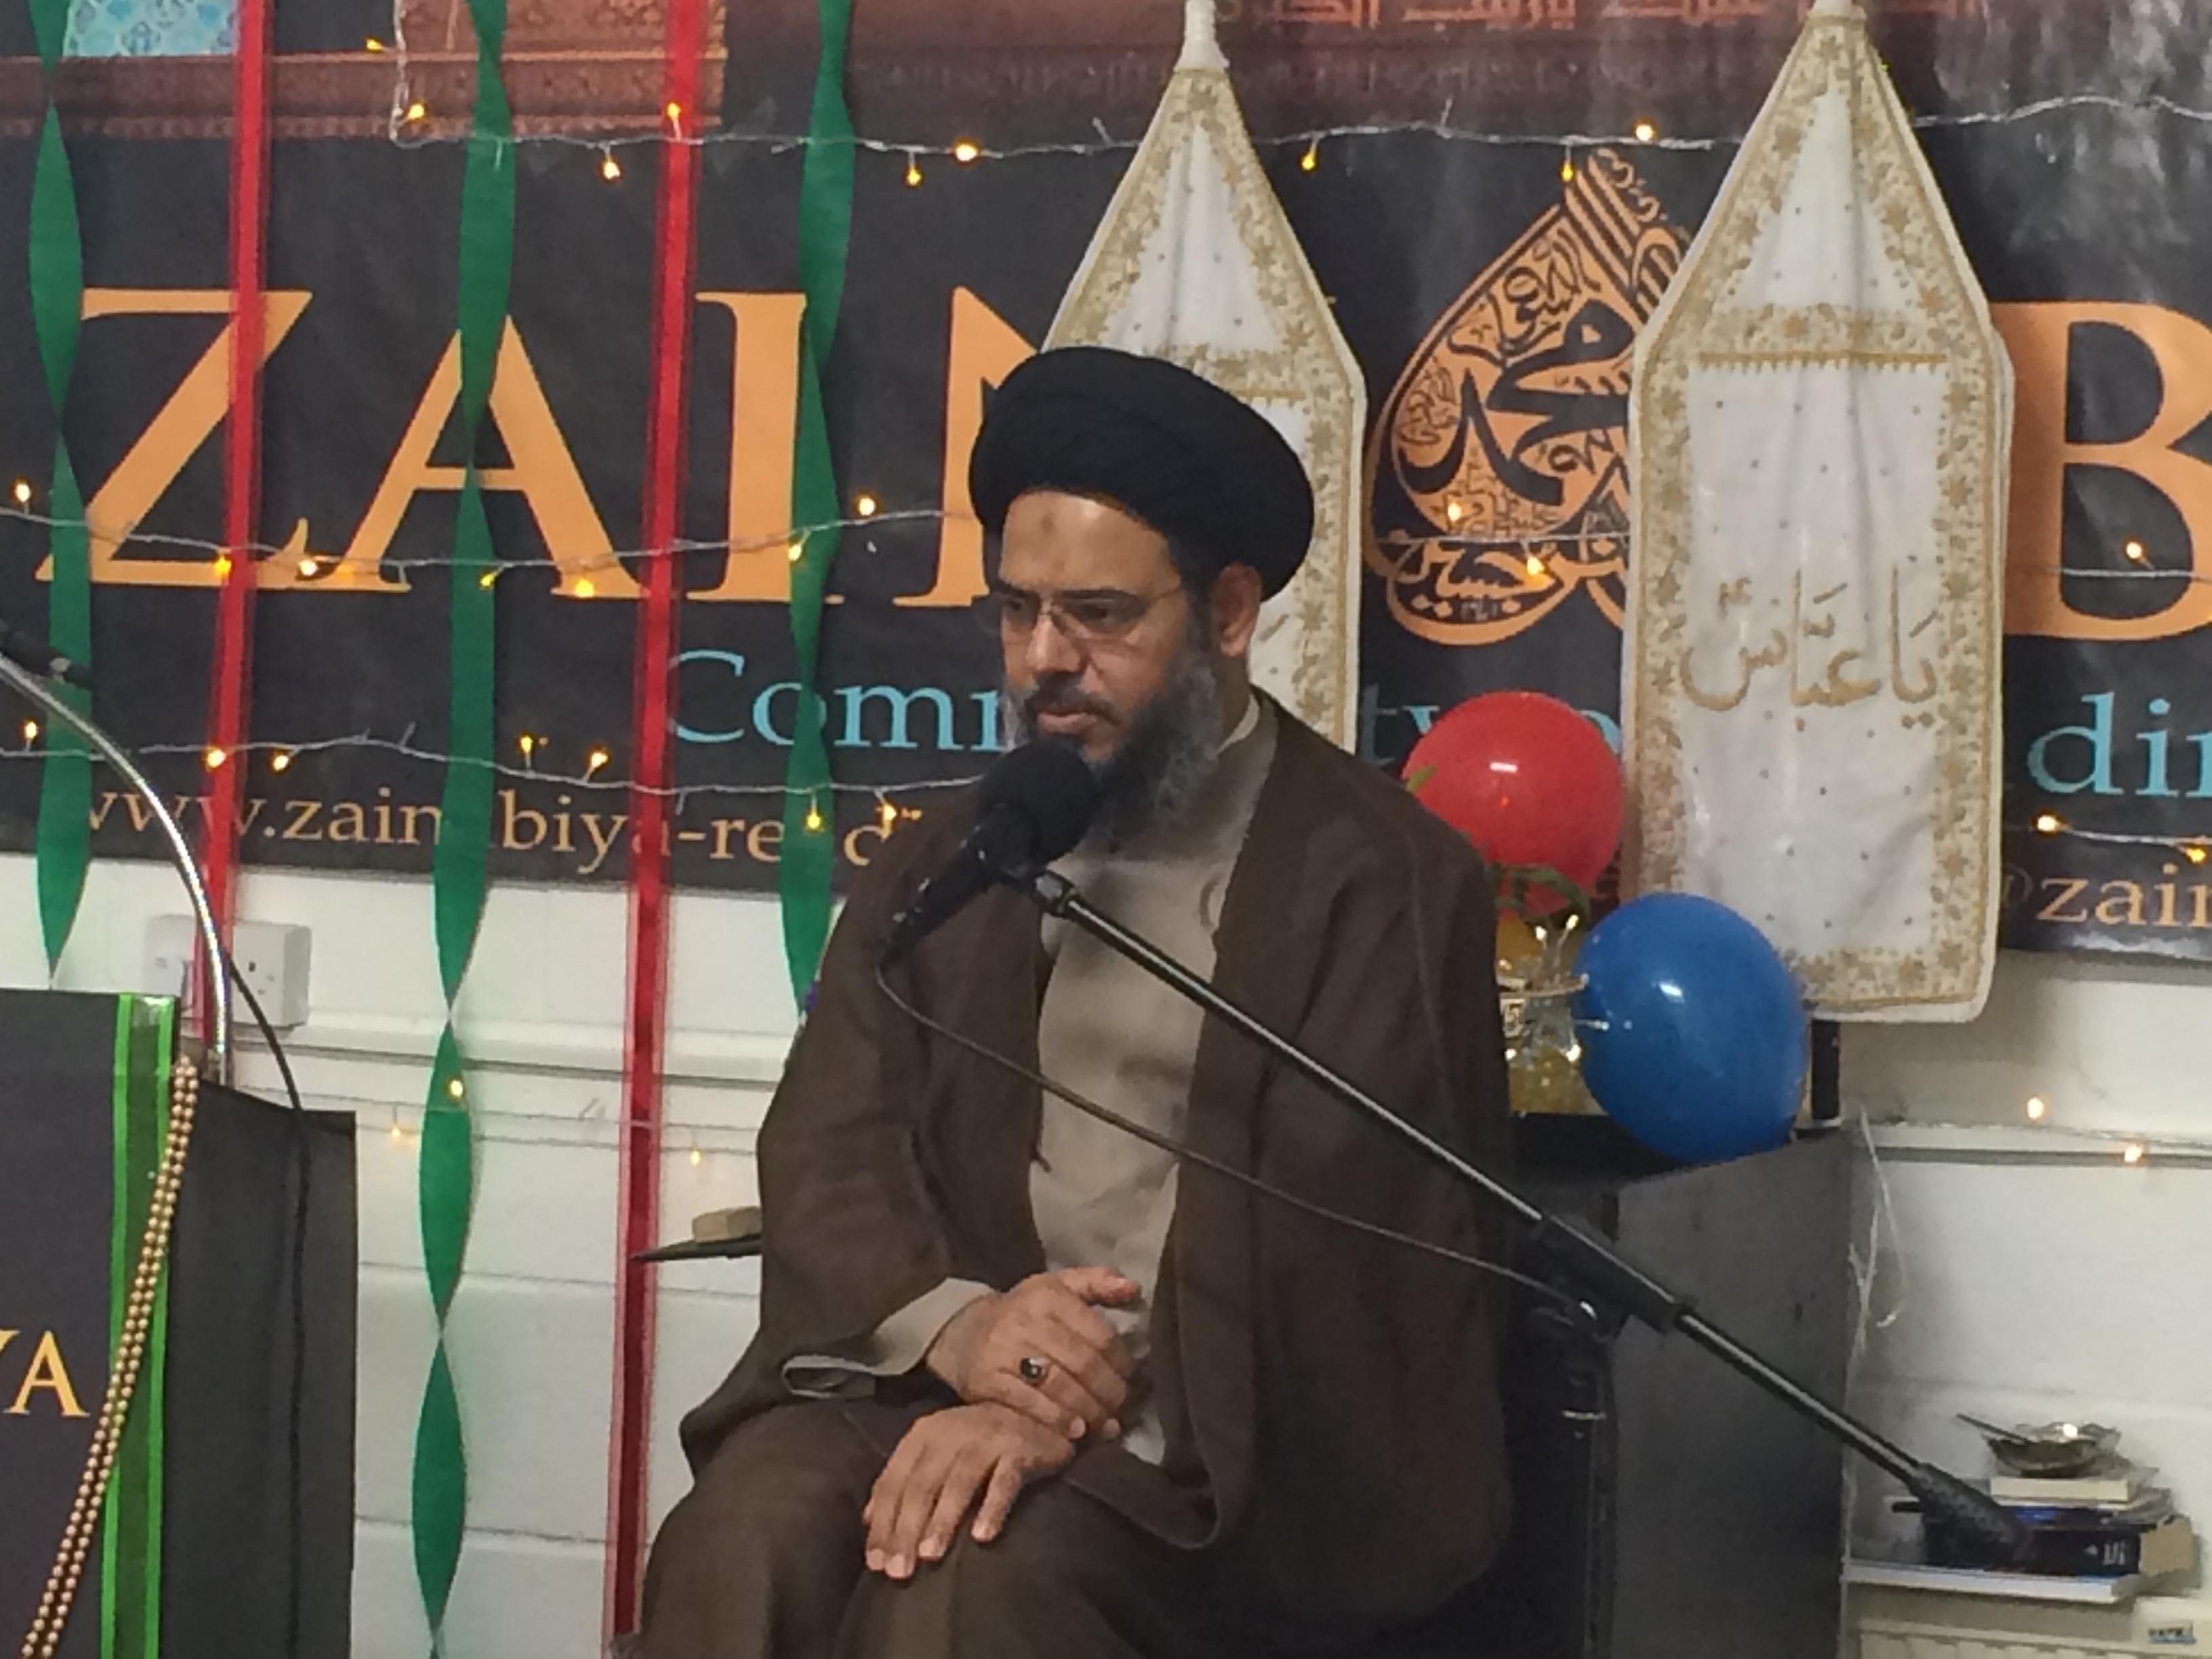 Ayatullah Aqeel Gharavi